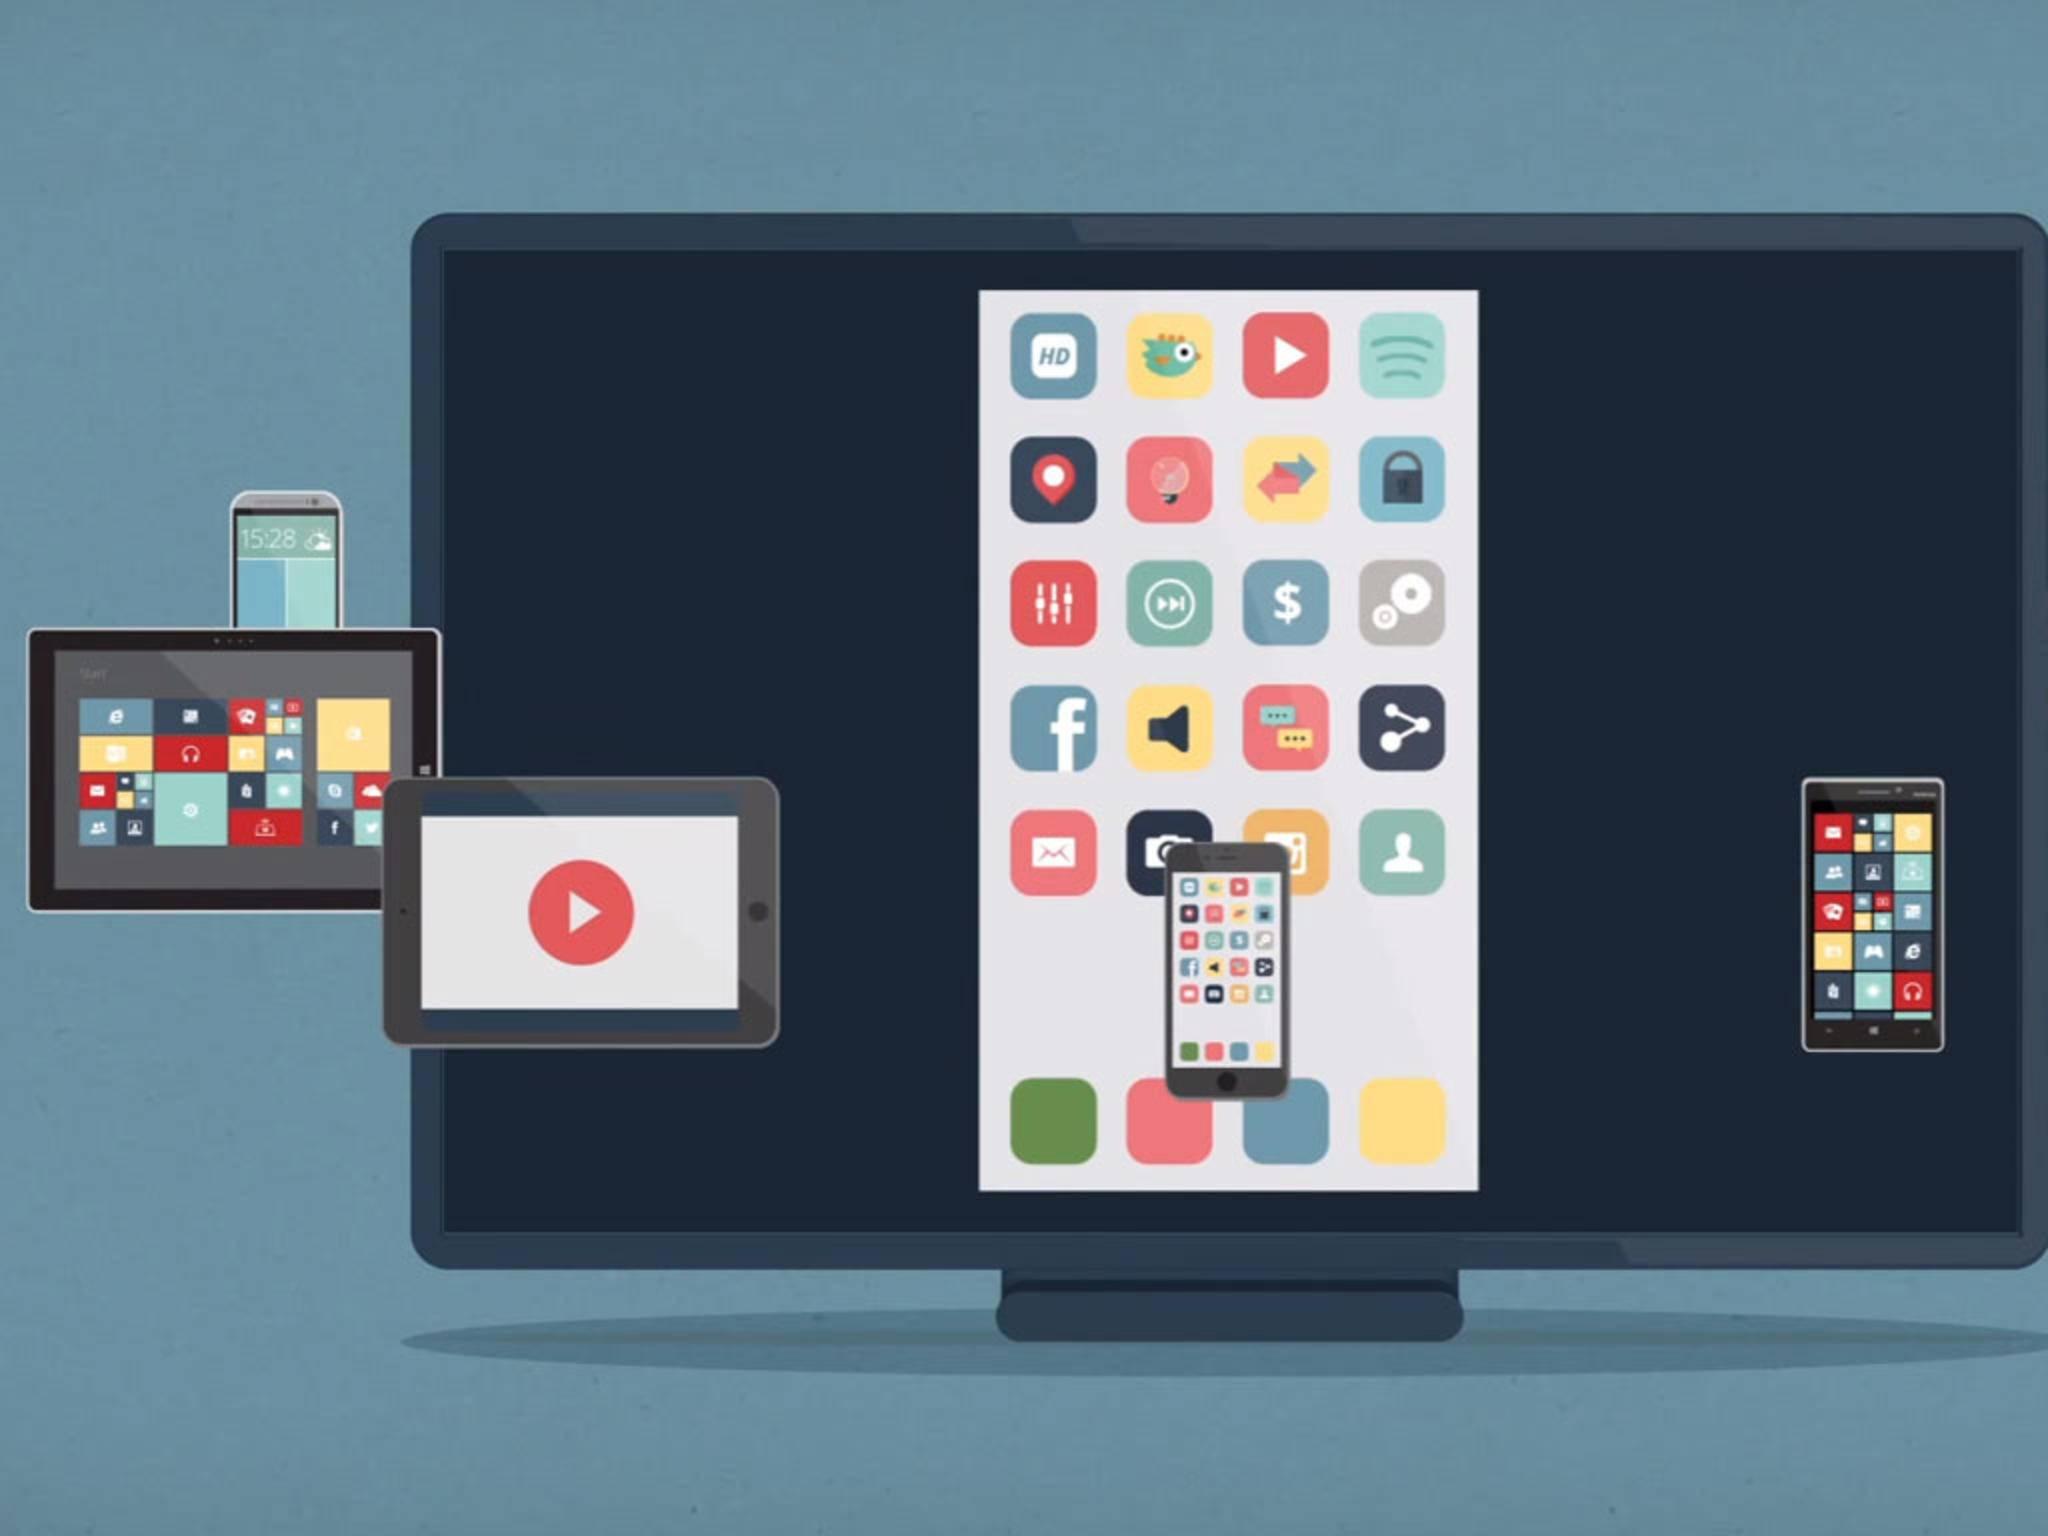 Der Inhalt des iPhone-Bildschirms lässt sich auf dem PC und Mac aufzeichnen.